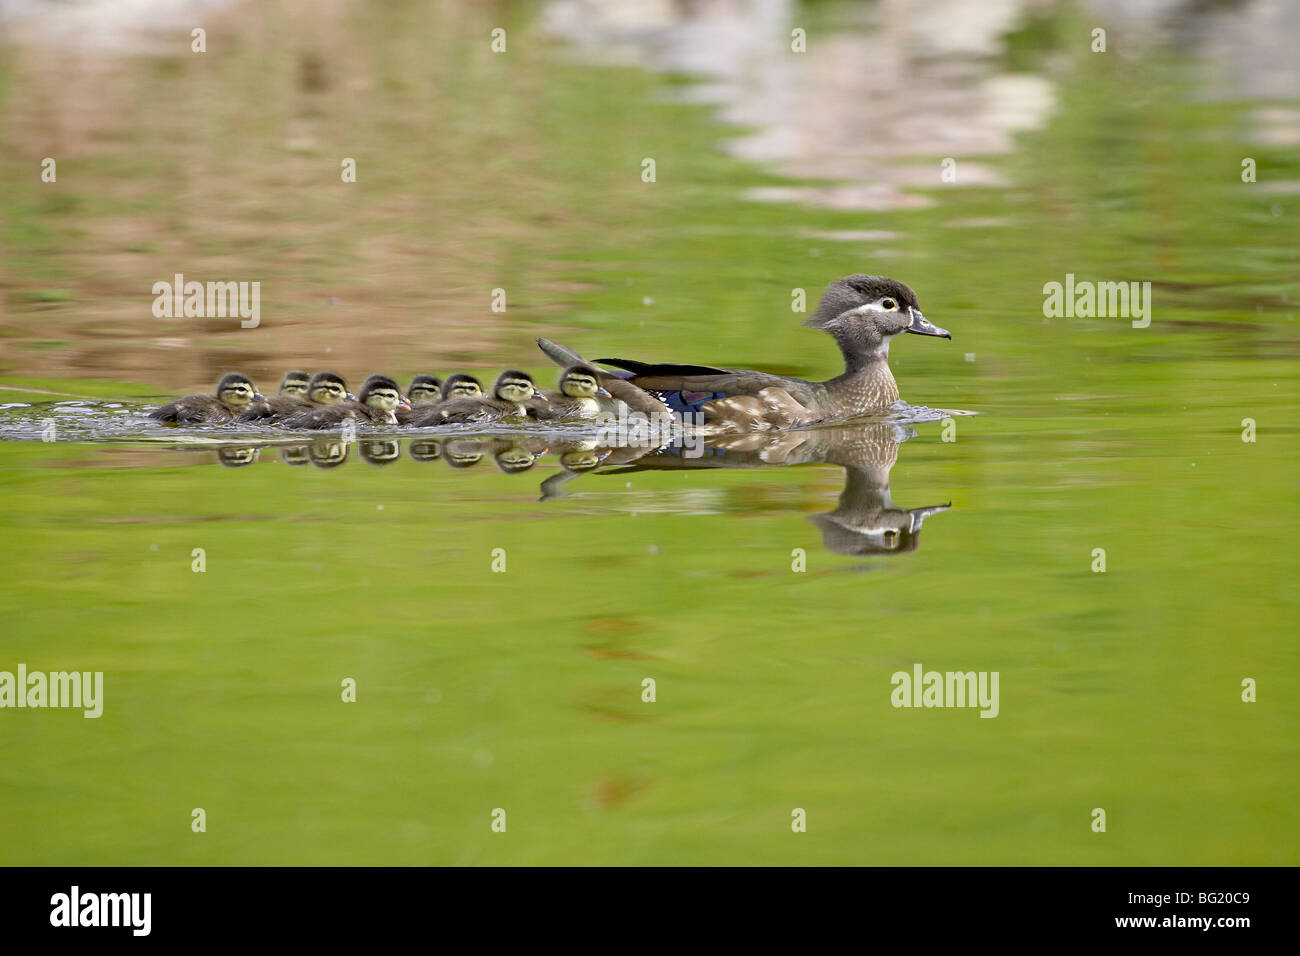 Pato de madera (Aix sponsa) gallinas y patos nadando, Arapahoe County, Colorado, Estados Unidos de América, Imagen De Stock